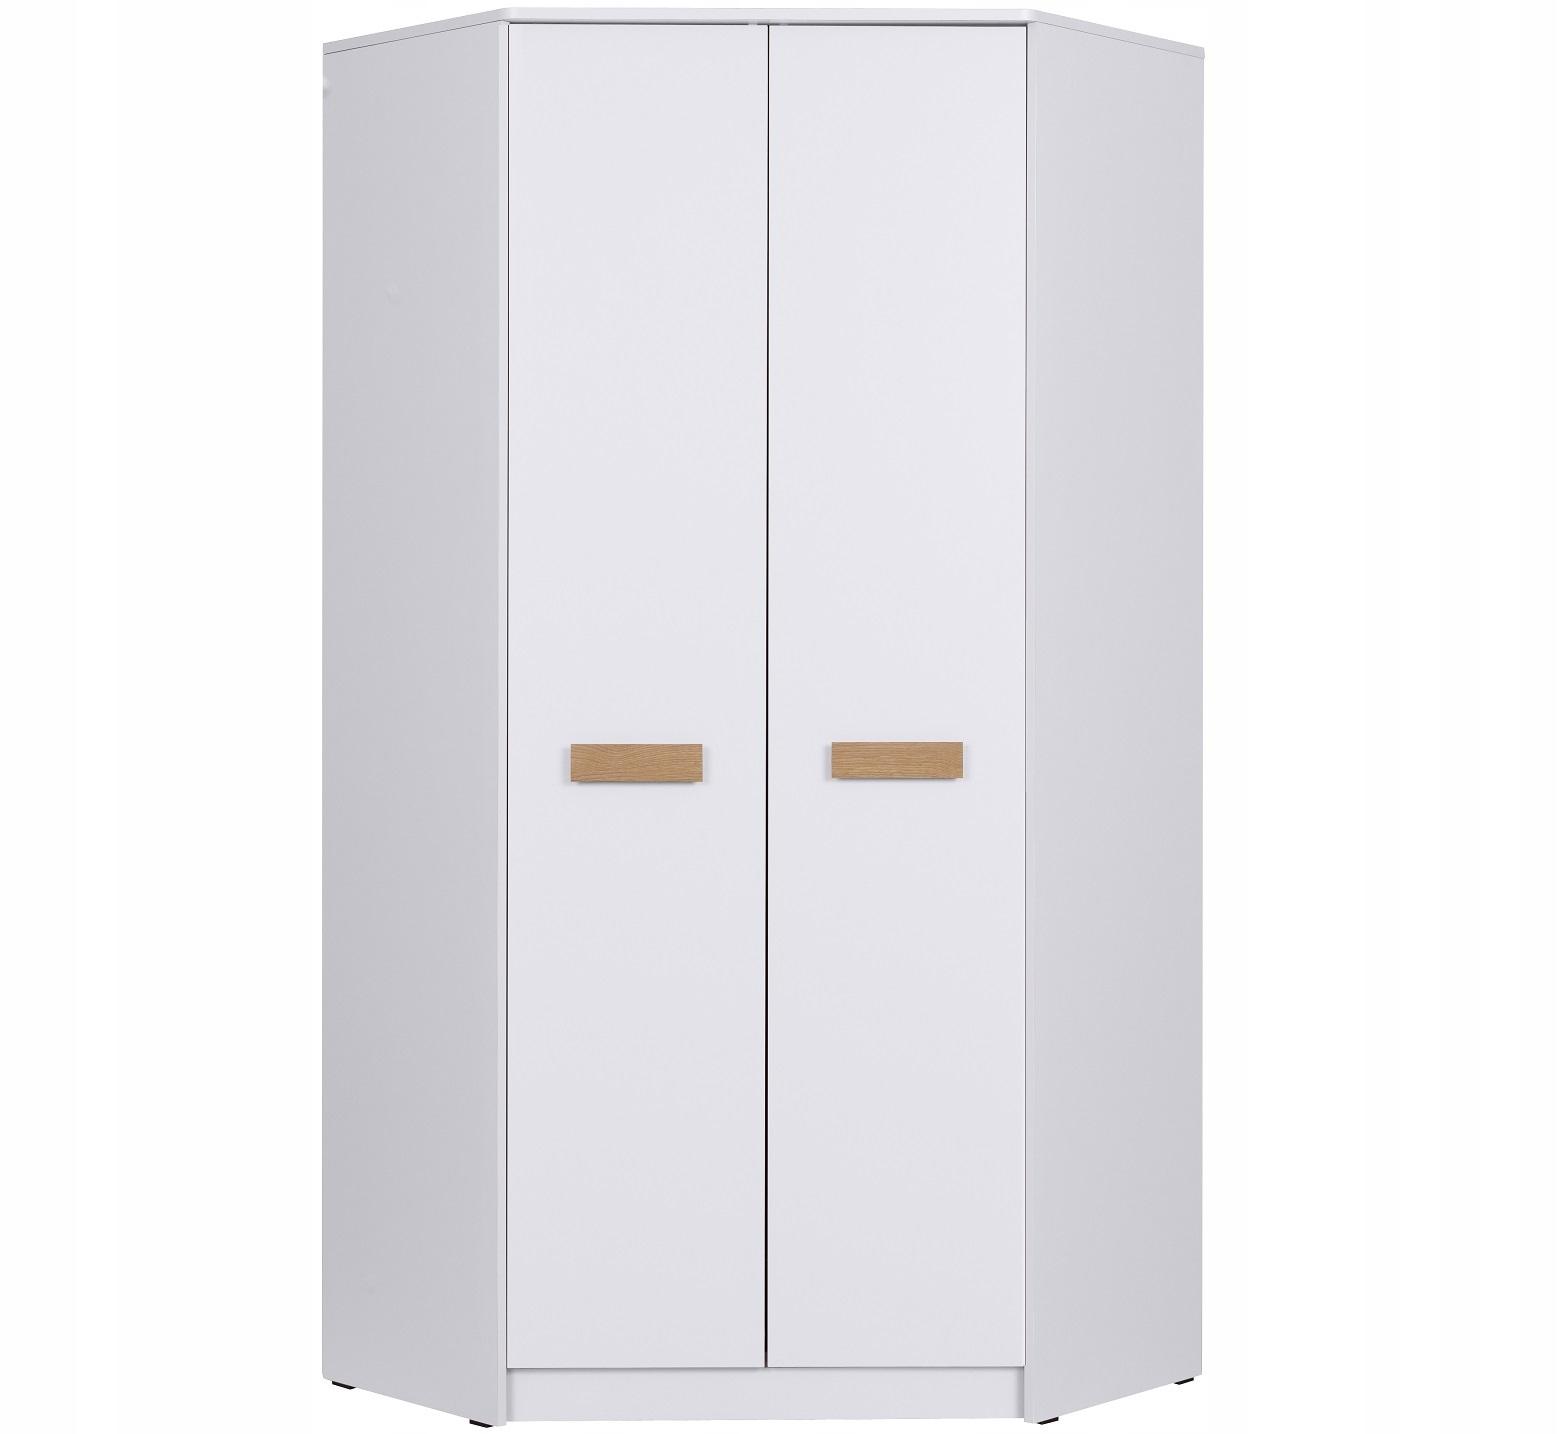 мебель ГРАНТ G8 шкаф Угловой с полками белая 2kolo